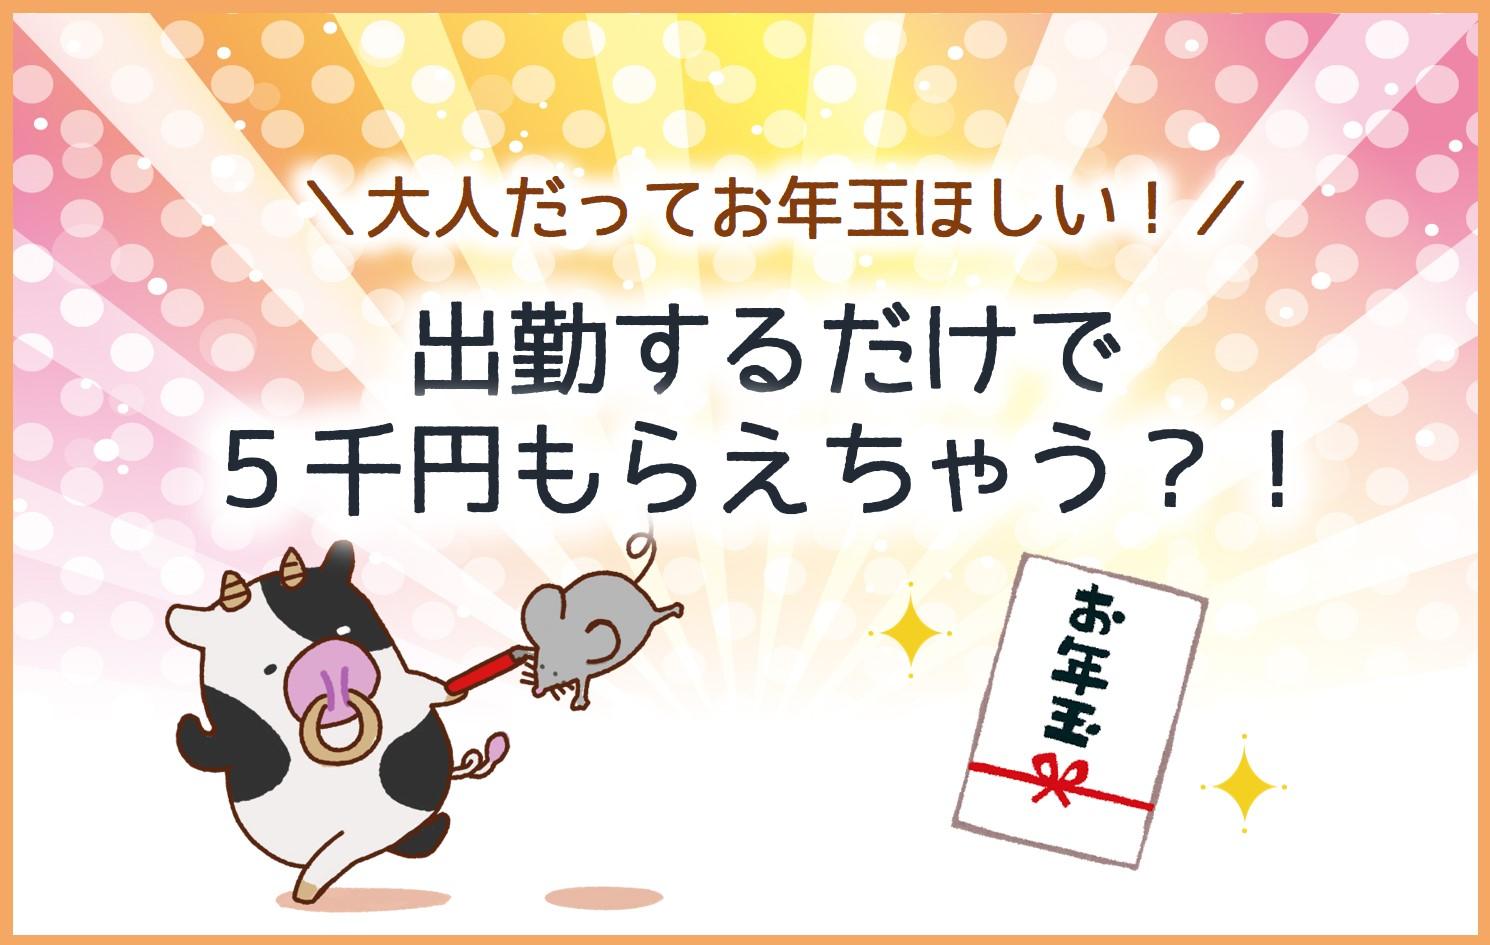 『年末年始のお年玉企画♪』事務所イベント開催します☆